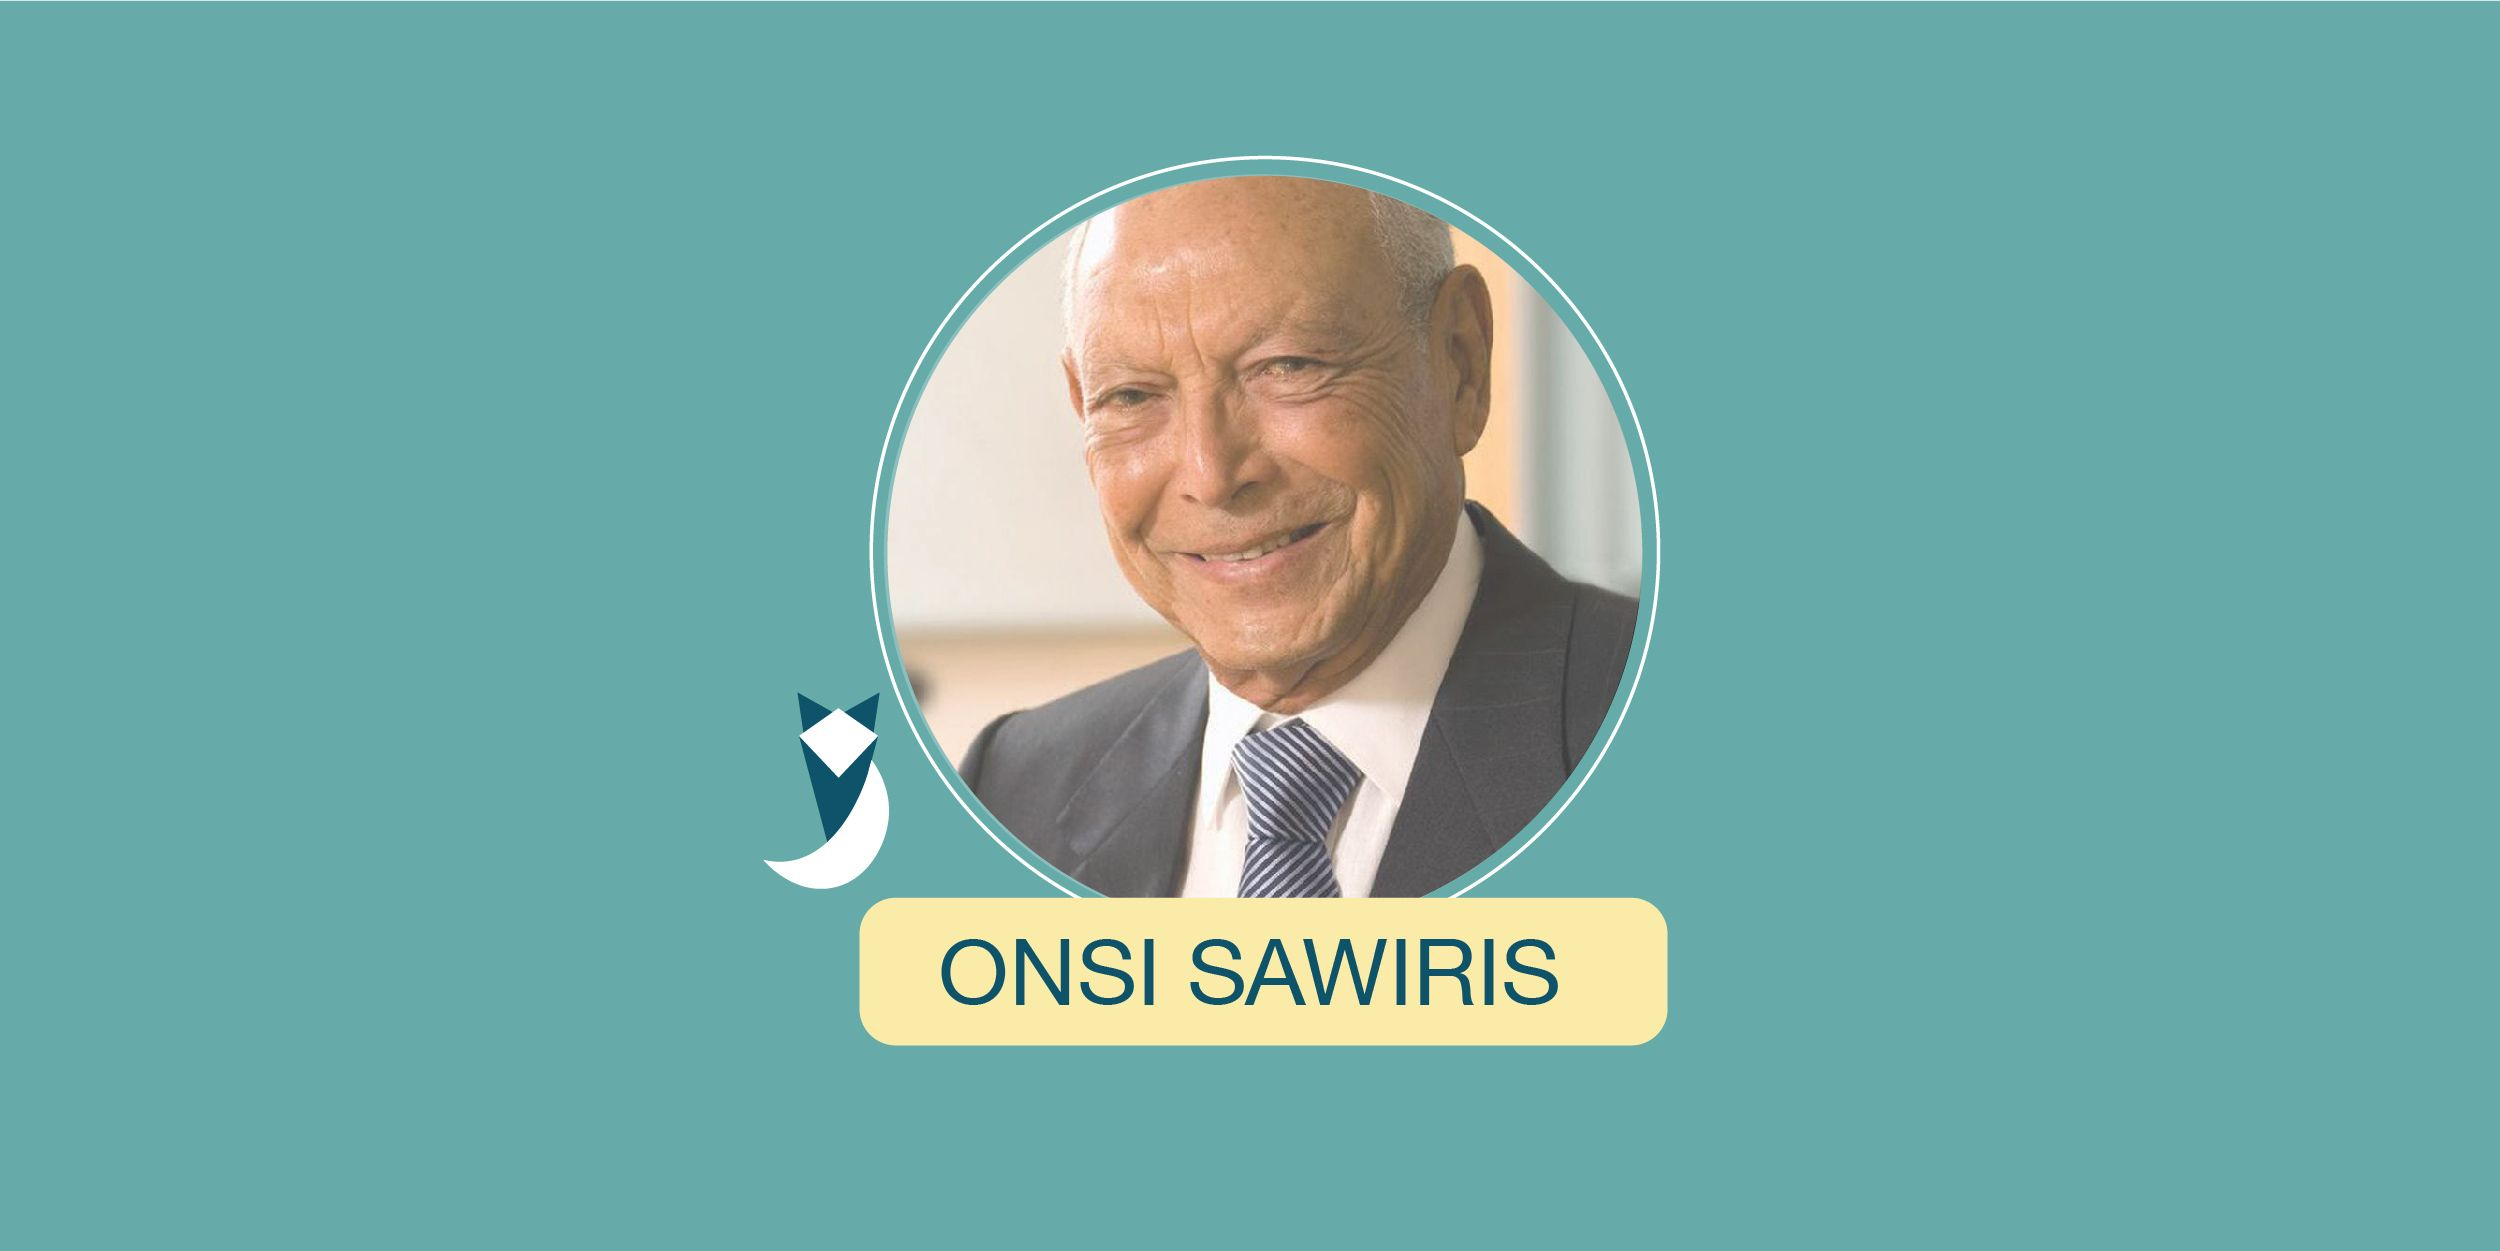 رحيل رجل الأعمال أنسي ساويرس، مؤسس شركة أوراسكوم للاستثمار